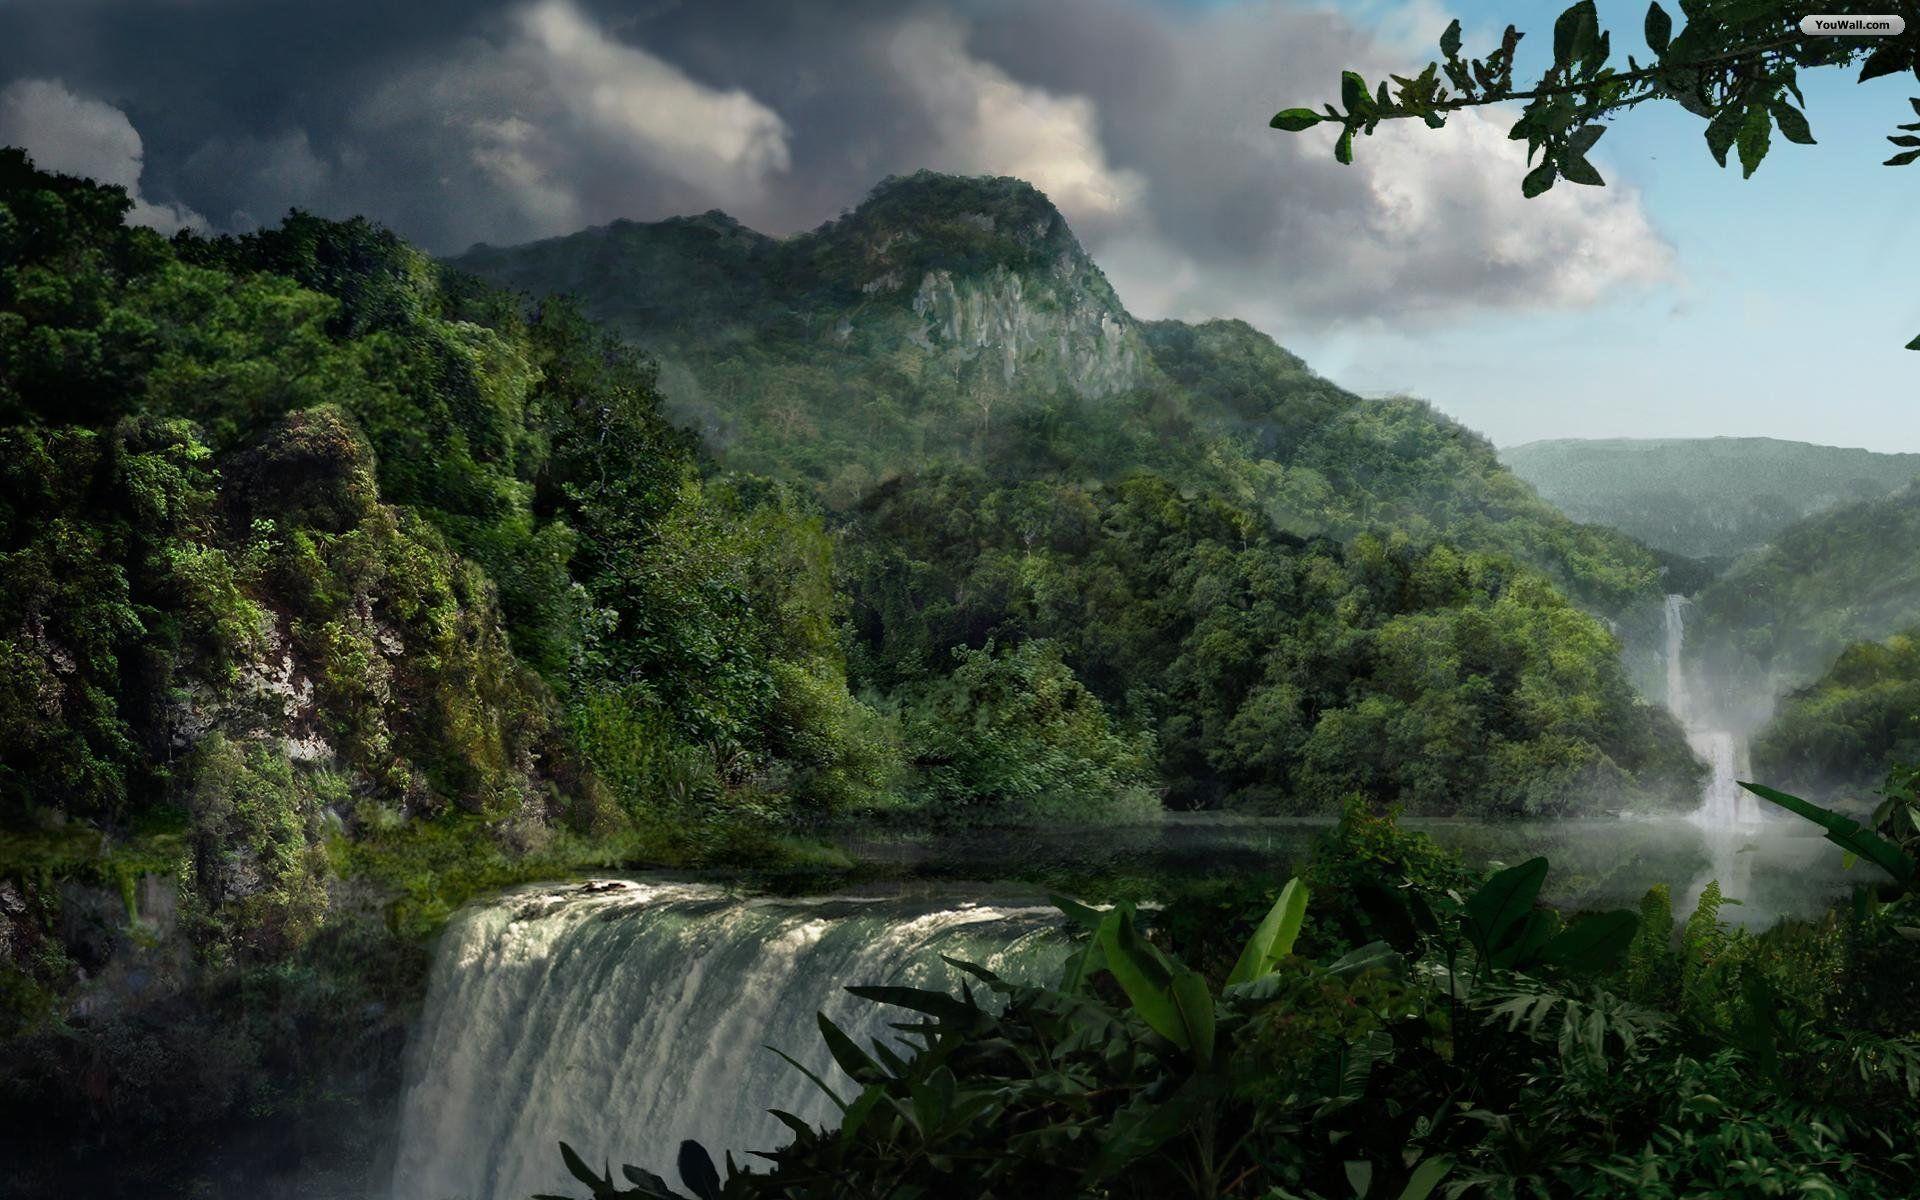 Free 3d jungle Wallpaper Download - Free 3d jungle ...